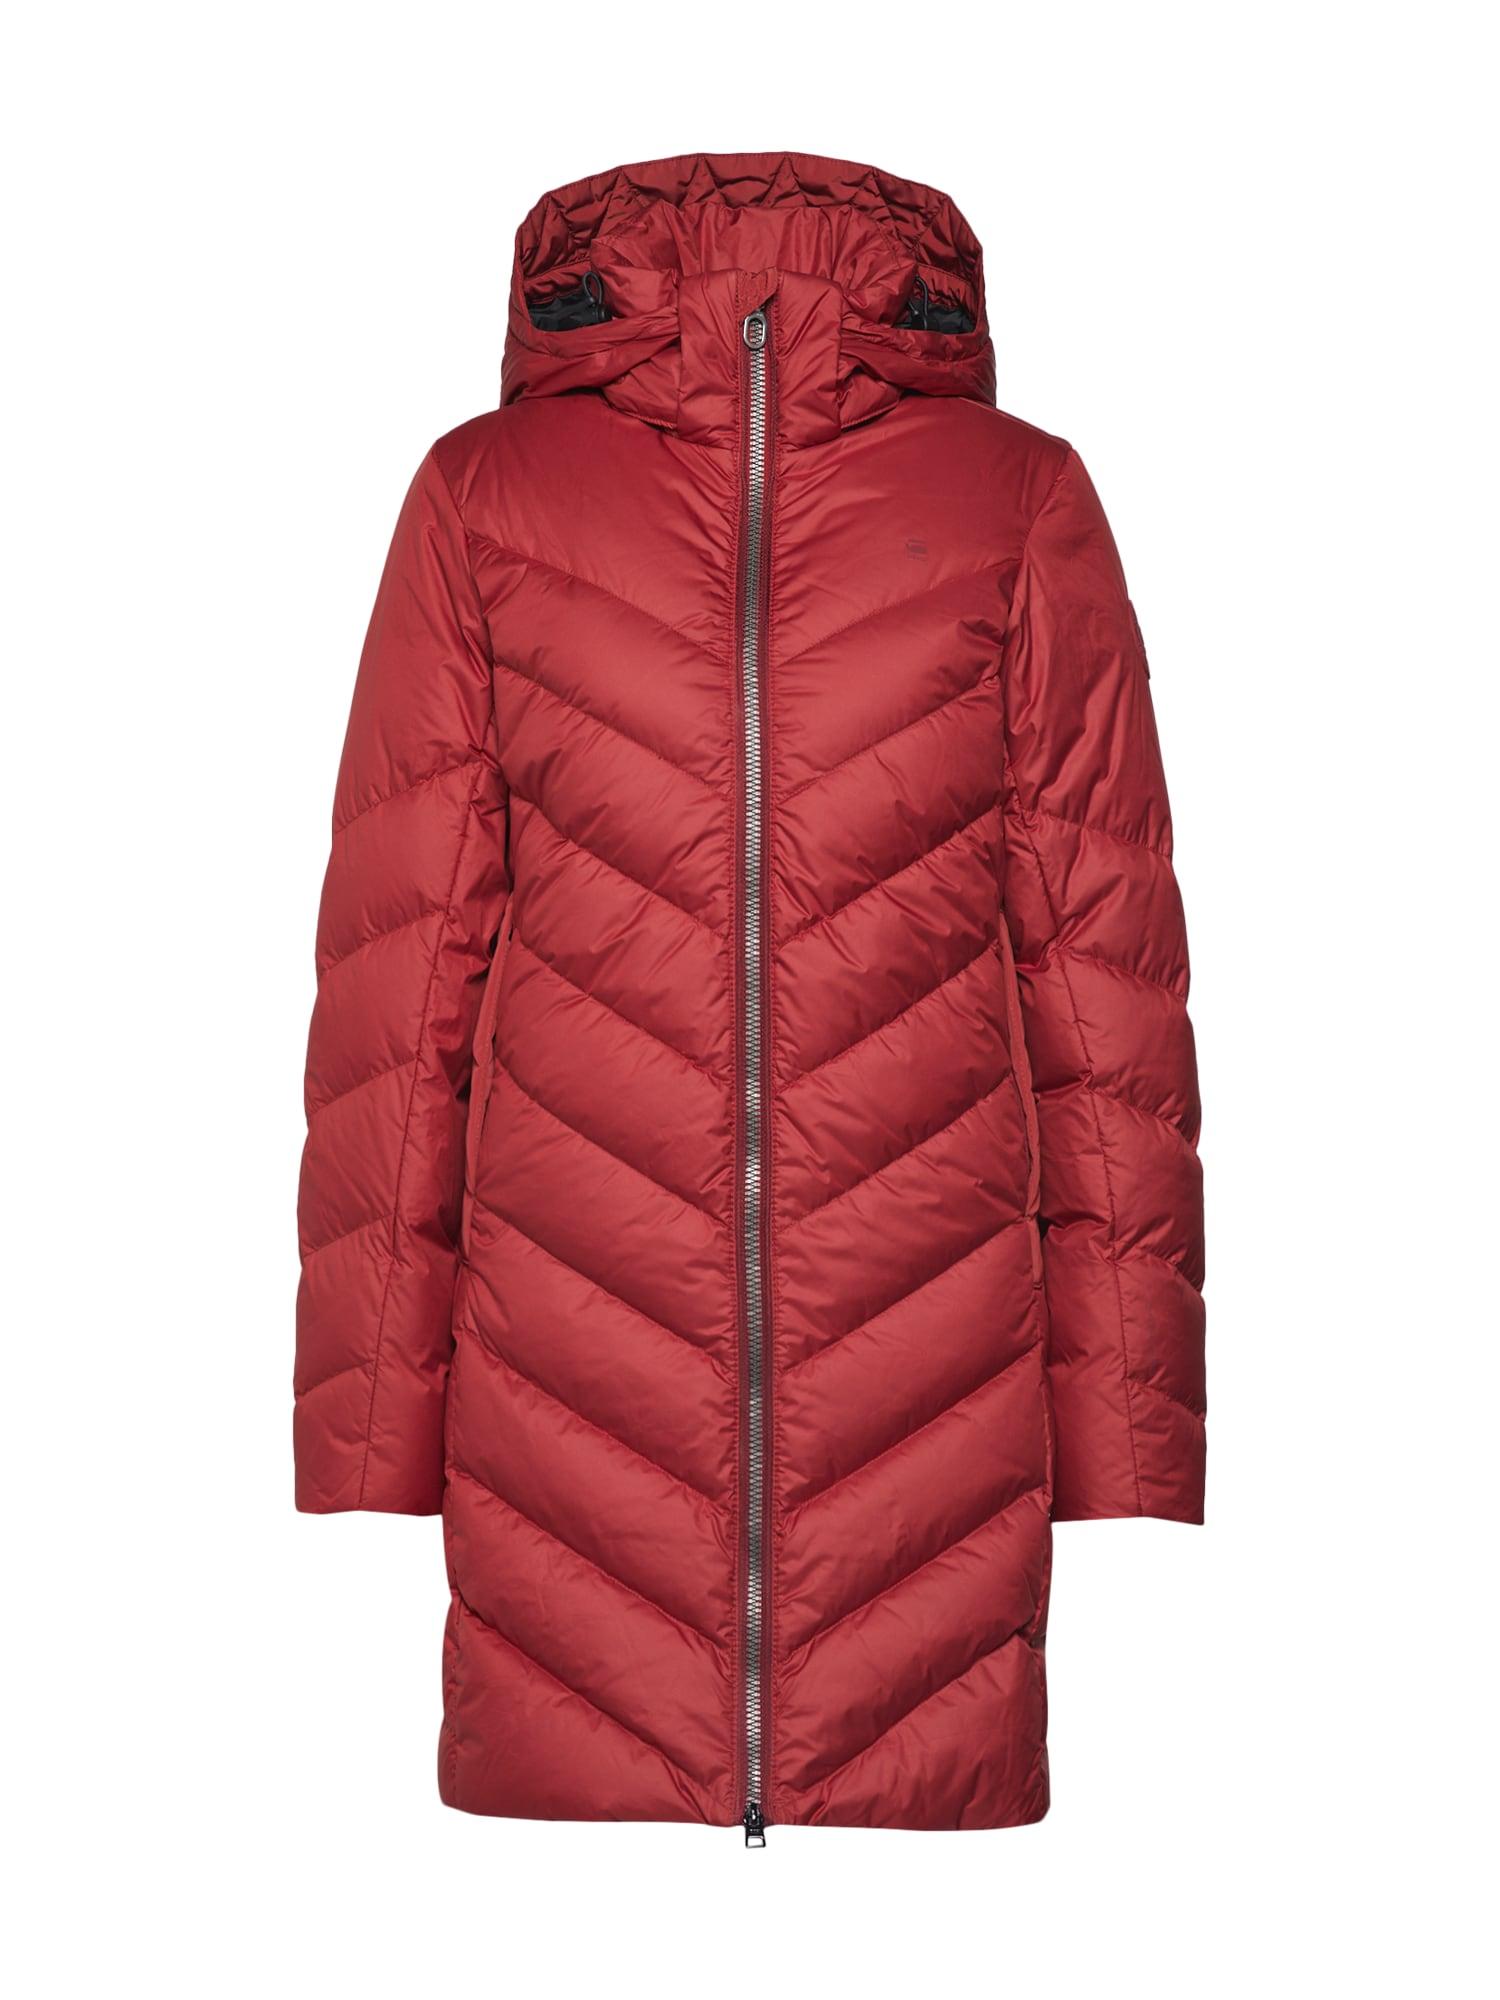 Přechodný kabát Whistler červená G-STAR RAW